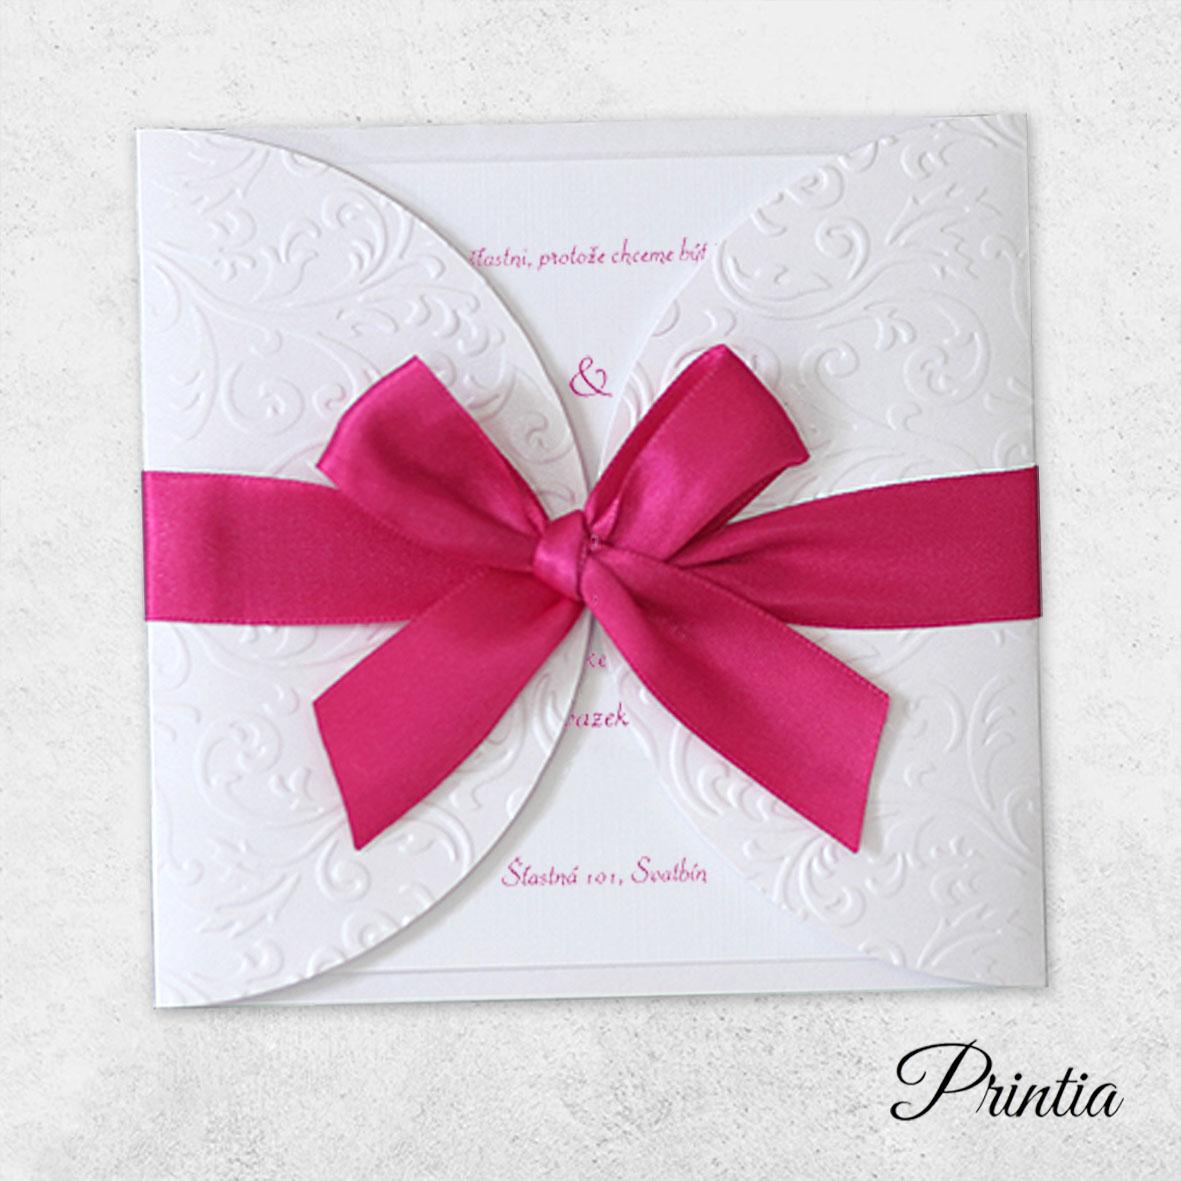 Svatební oznámení s ornamentem